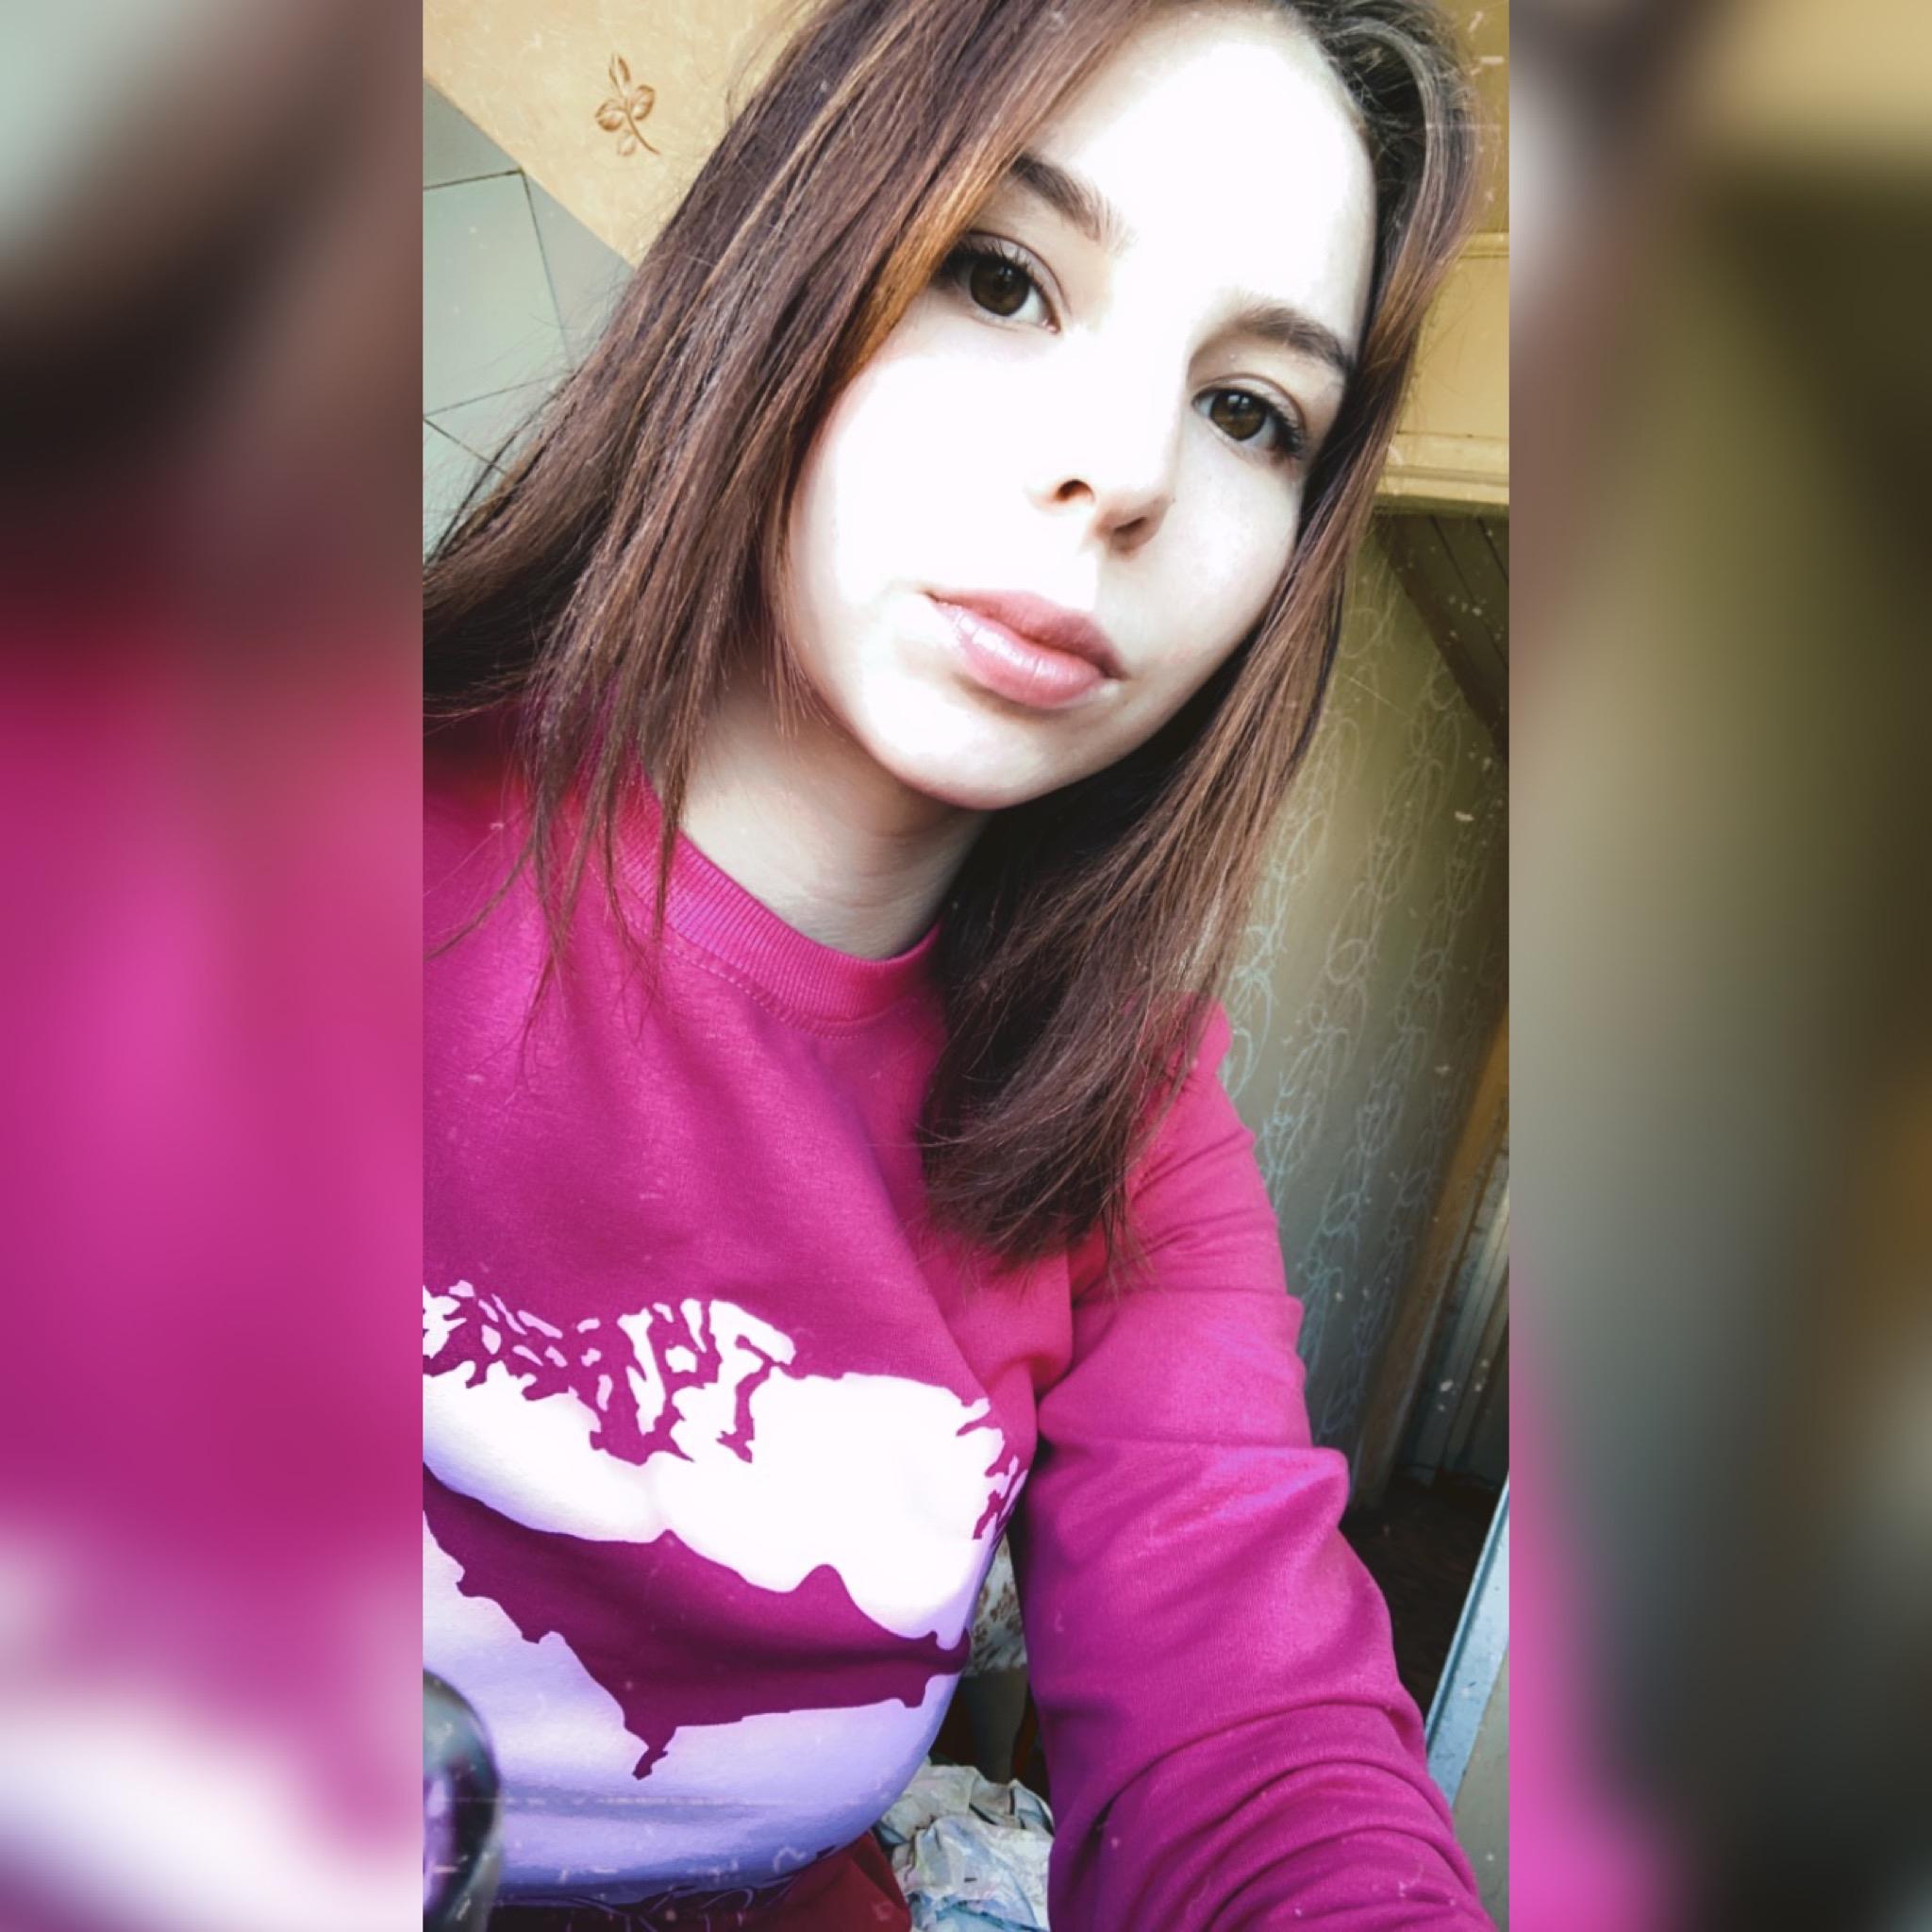 Фото Сиделки: Лемле, 17 лет